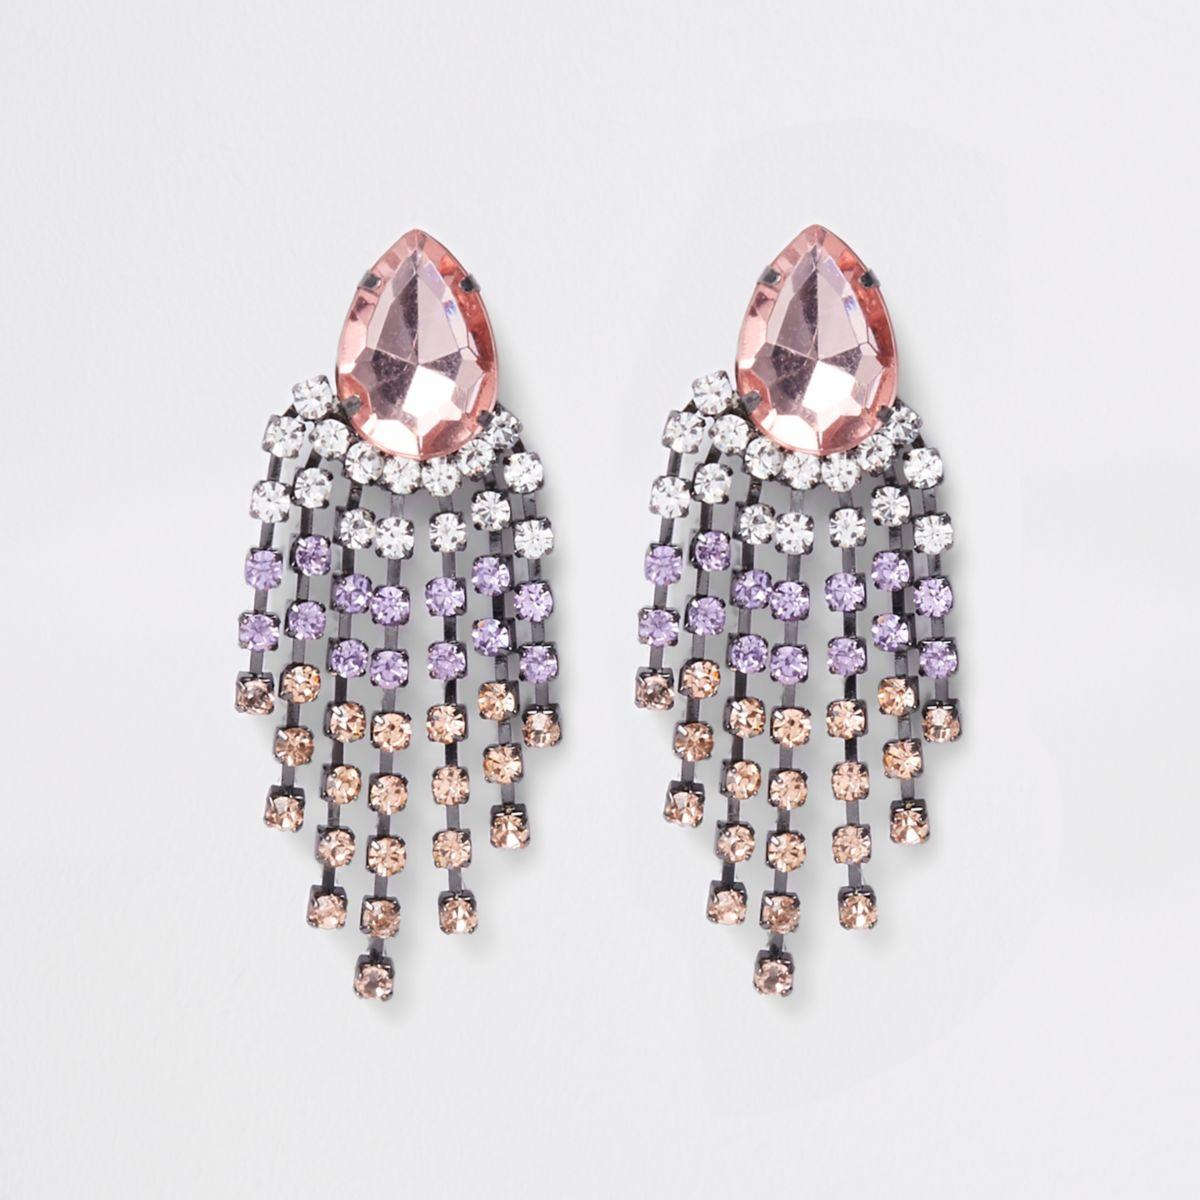 Pink silver tone jewel drop stud earrings